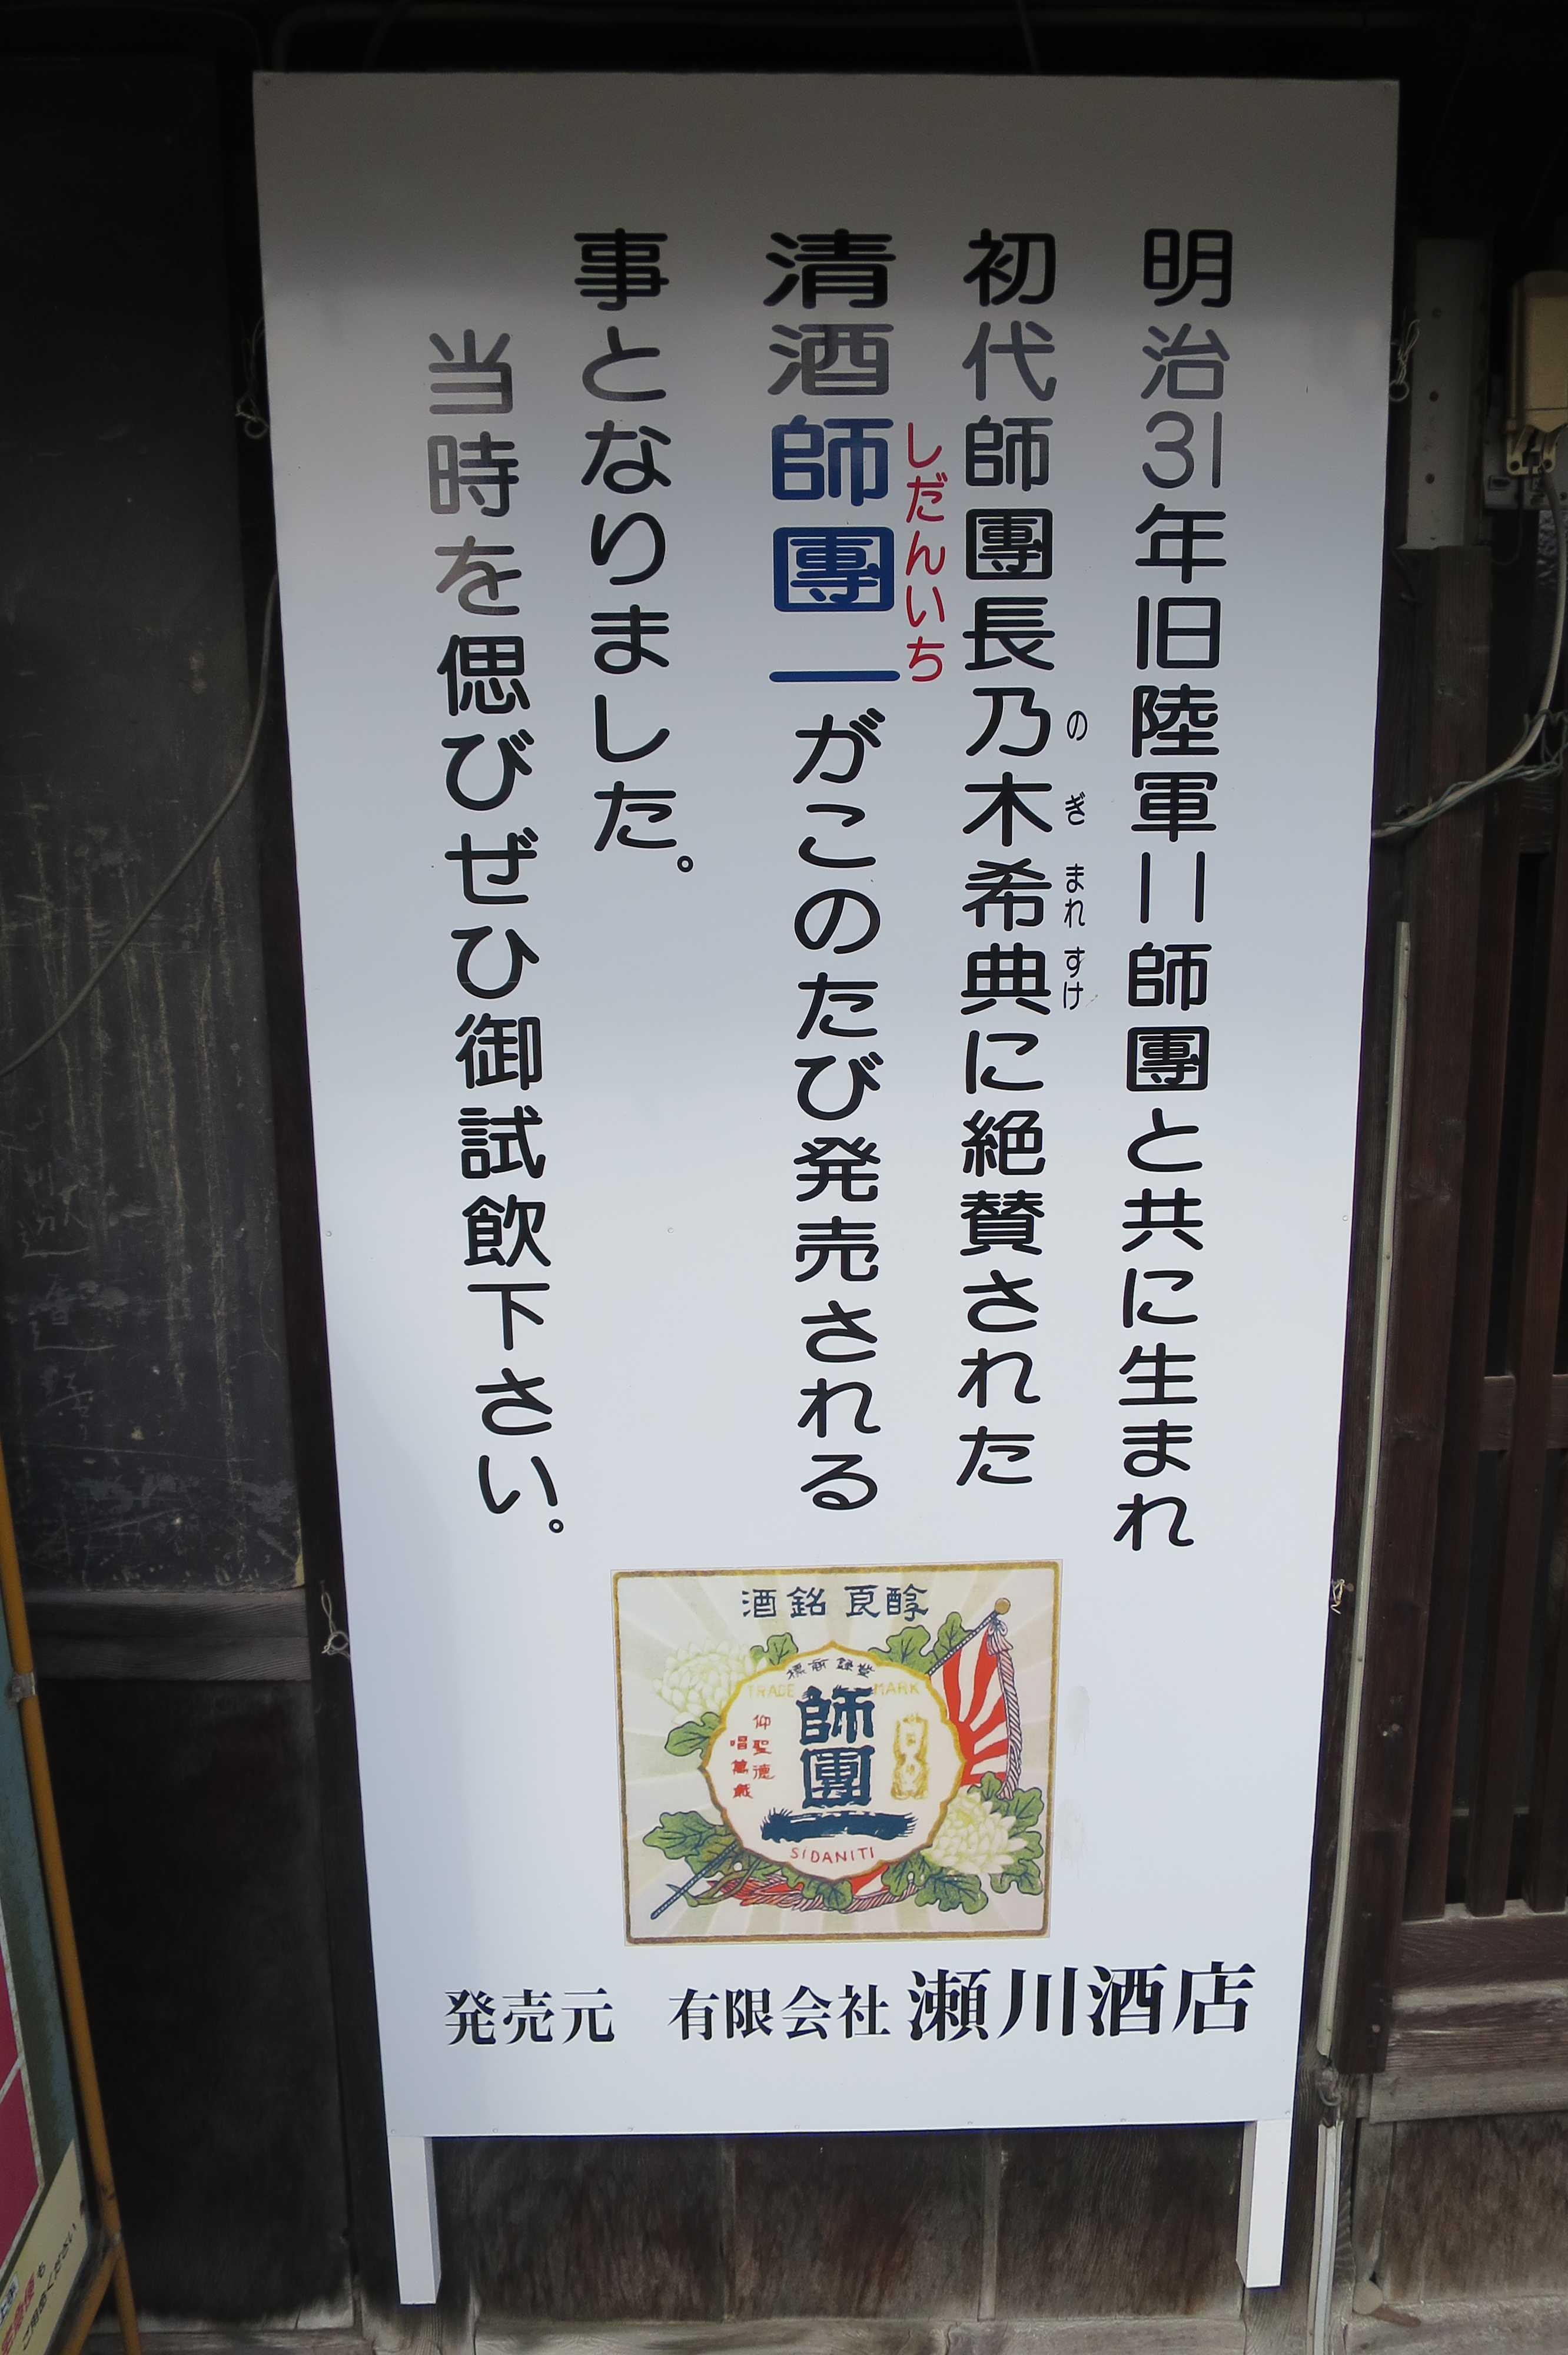 乃木将軍が絶賛した日本酒「師團一」